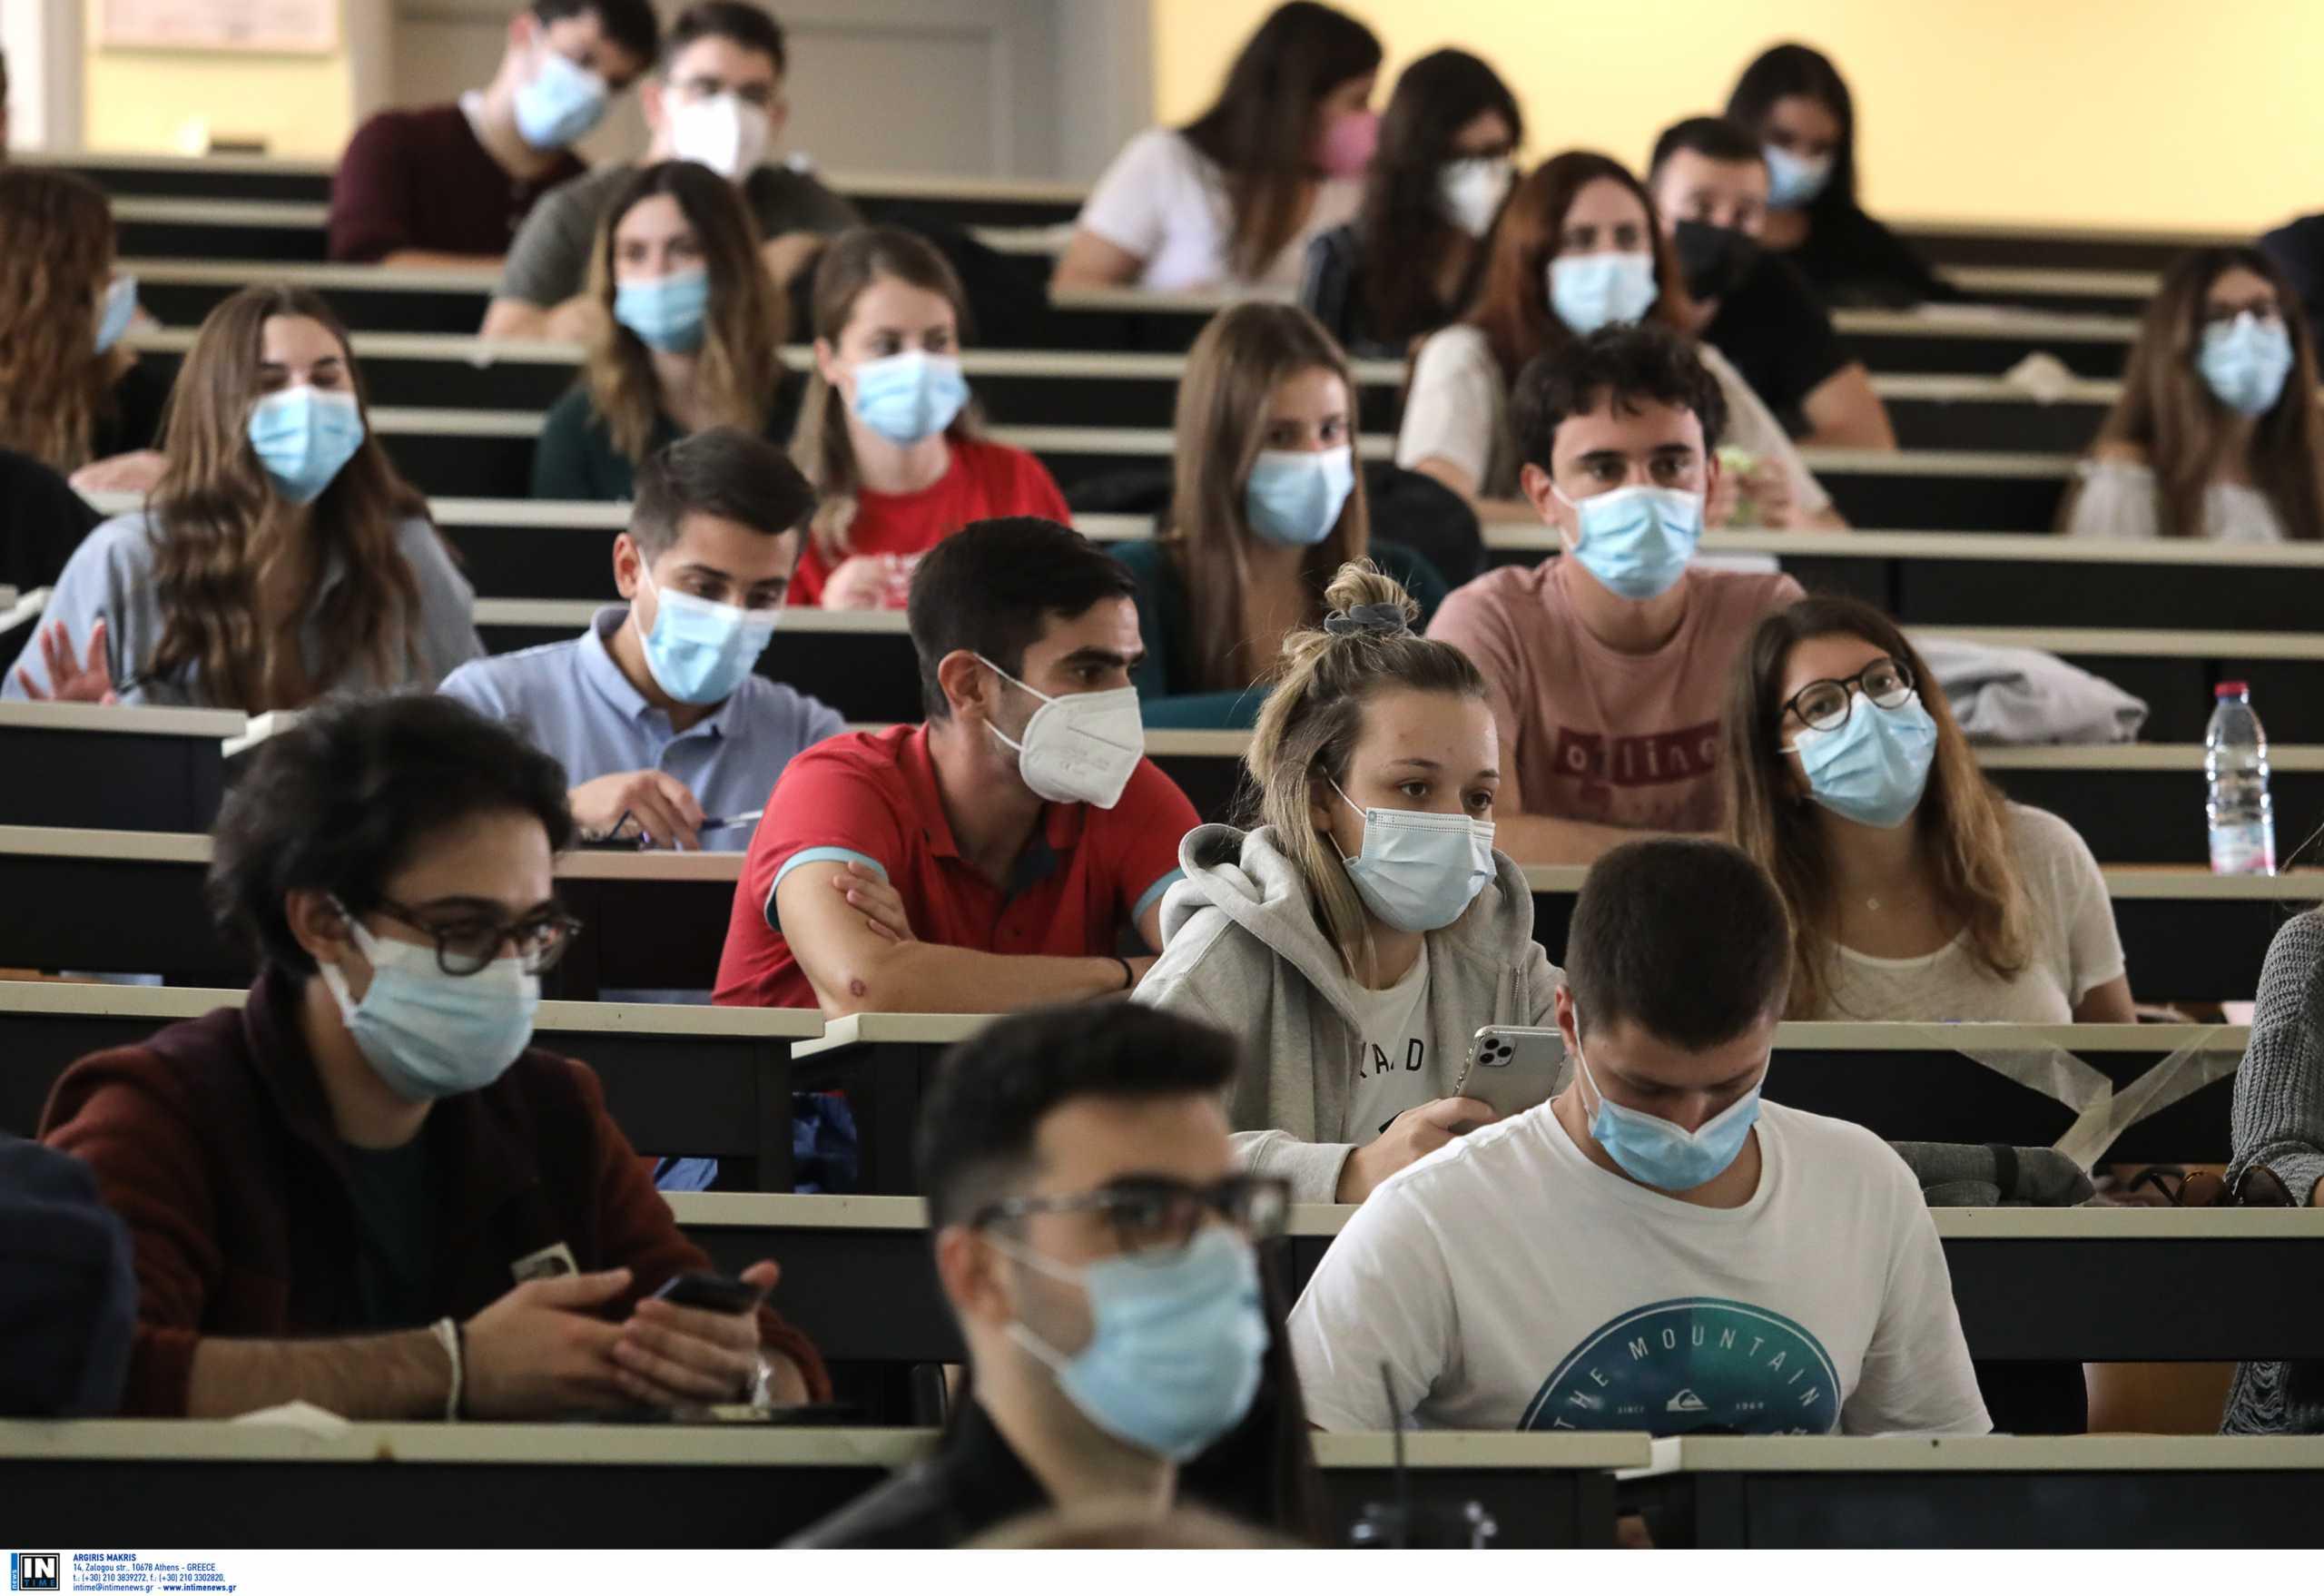 Πανεπιστήμια χωρίς τεστ και καραντίνα μόνο με όλους τους φοιτητές εμβολιασμένους και αποτελεσματικότητα εμβολίων 100%